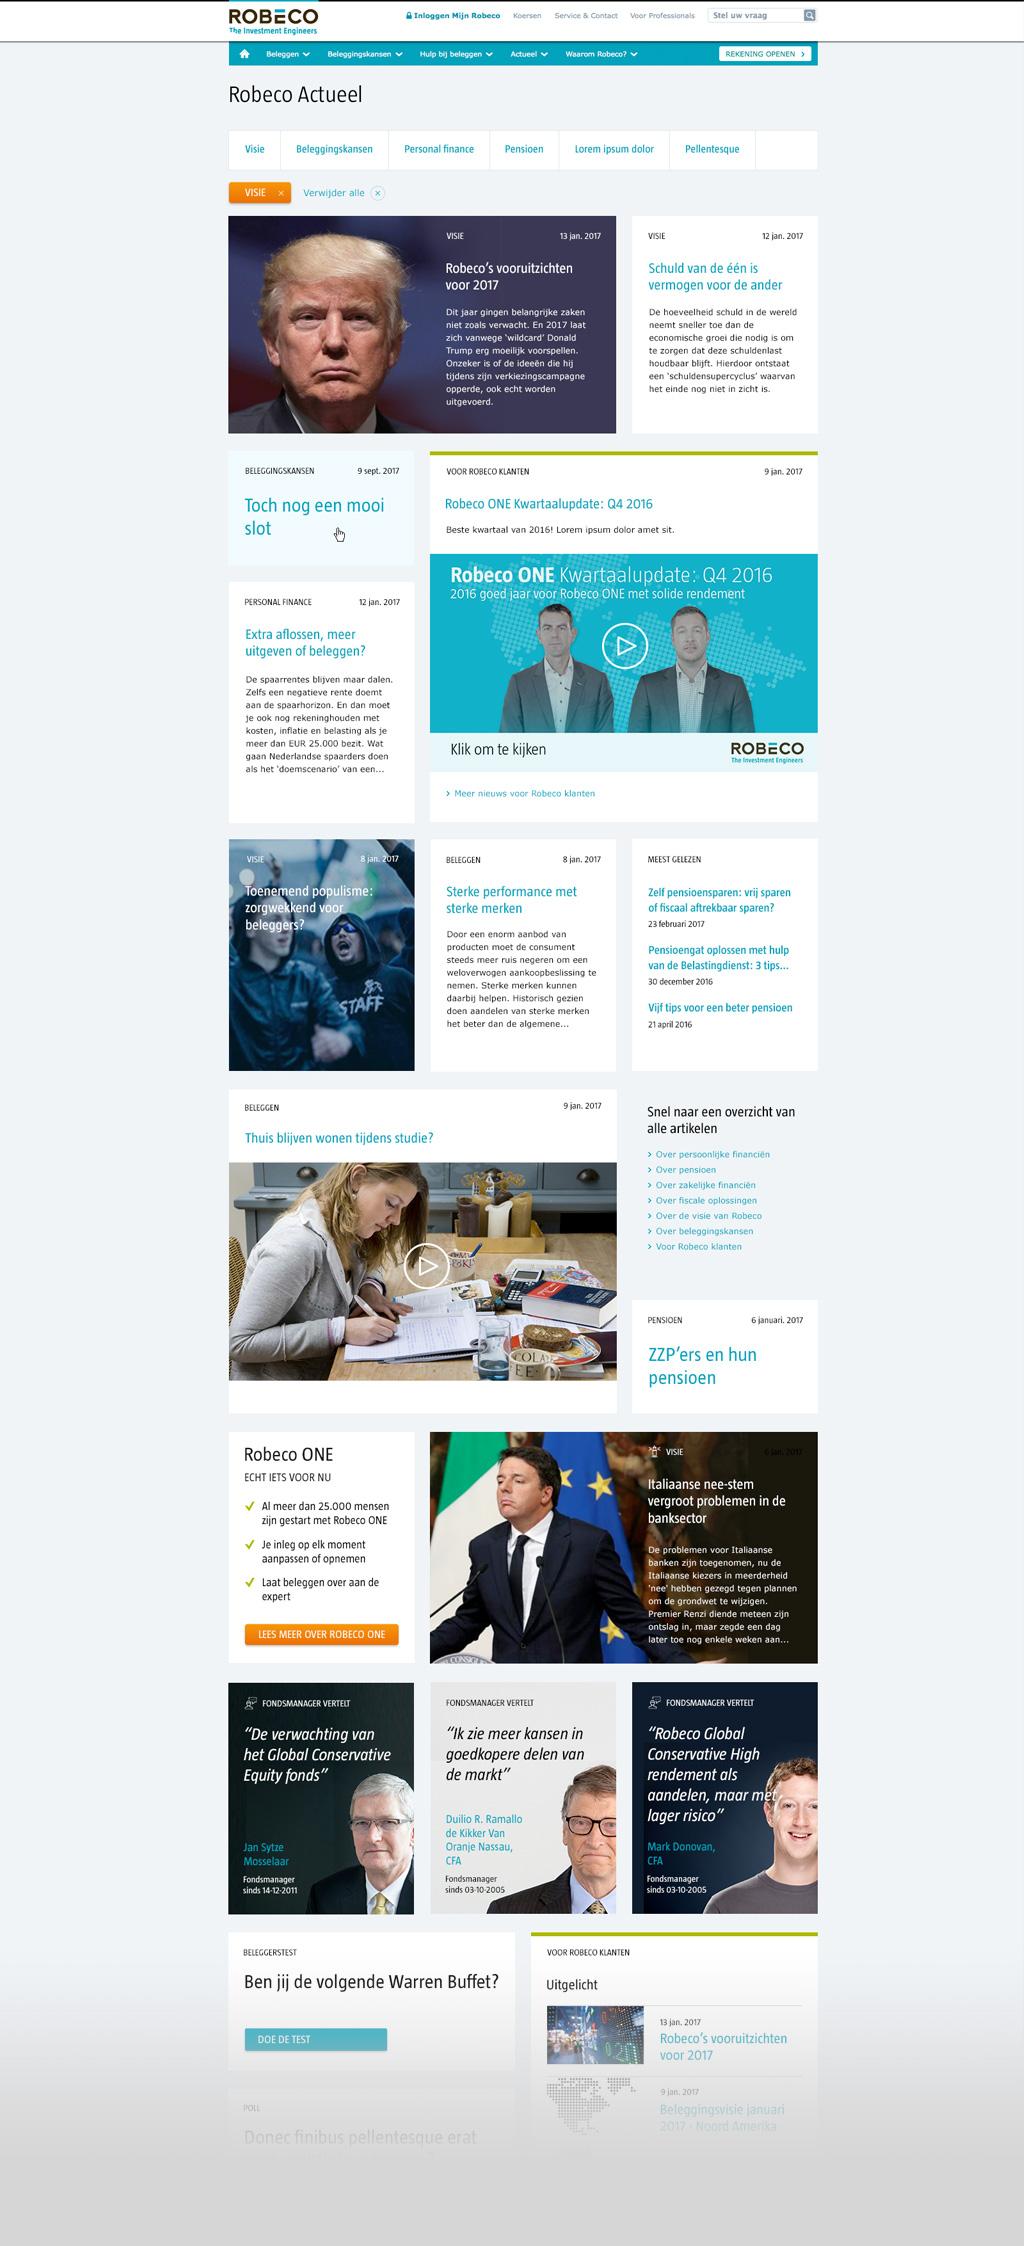 Afbeelding 1 van 6 - Re-design Nieuws pagina - Robeco web + mobile app optimalisaties